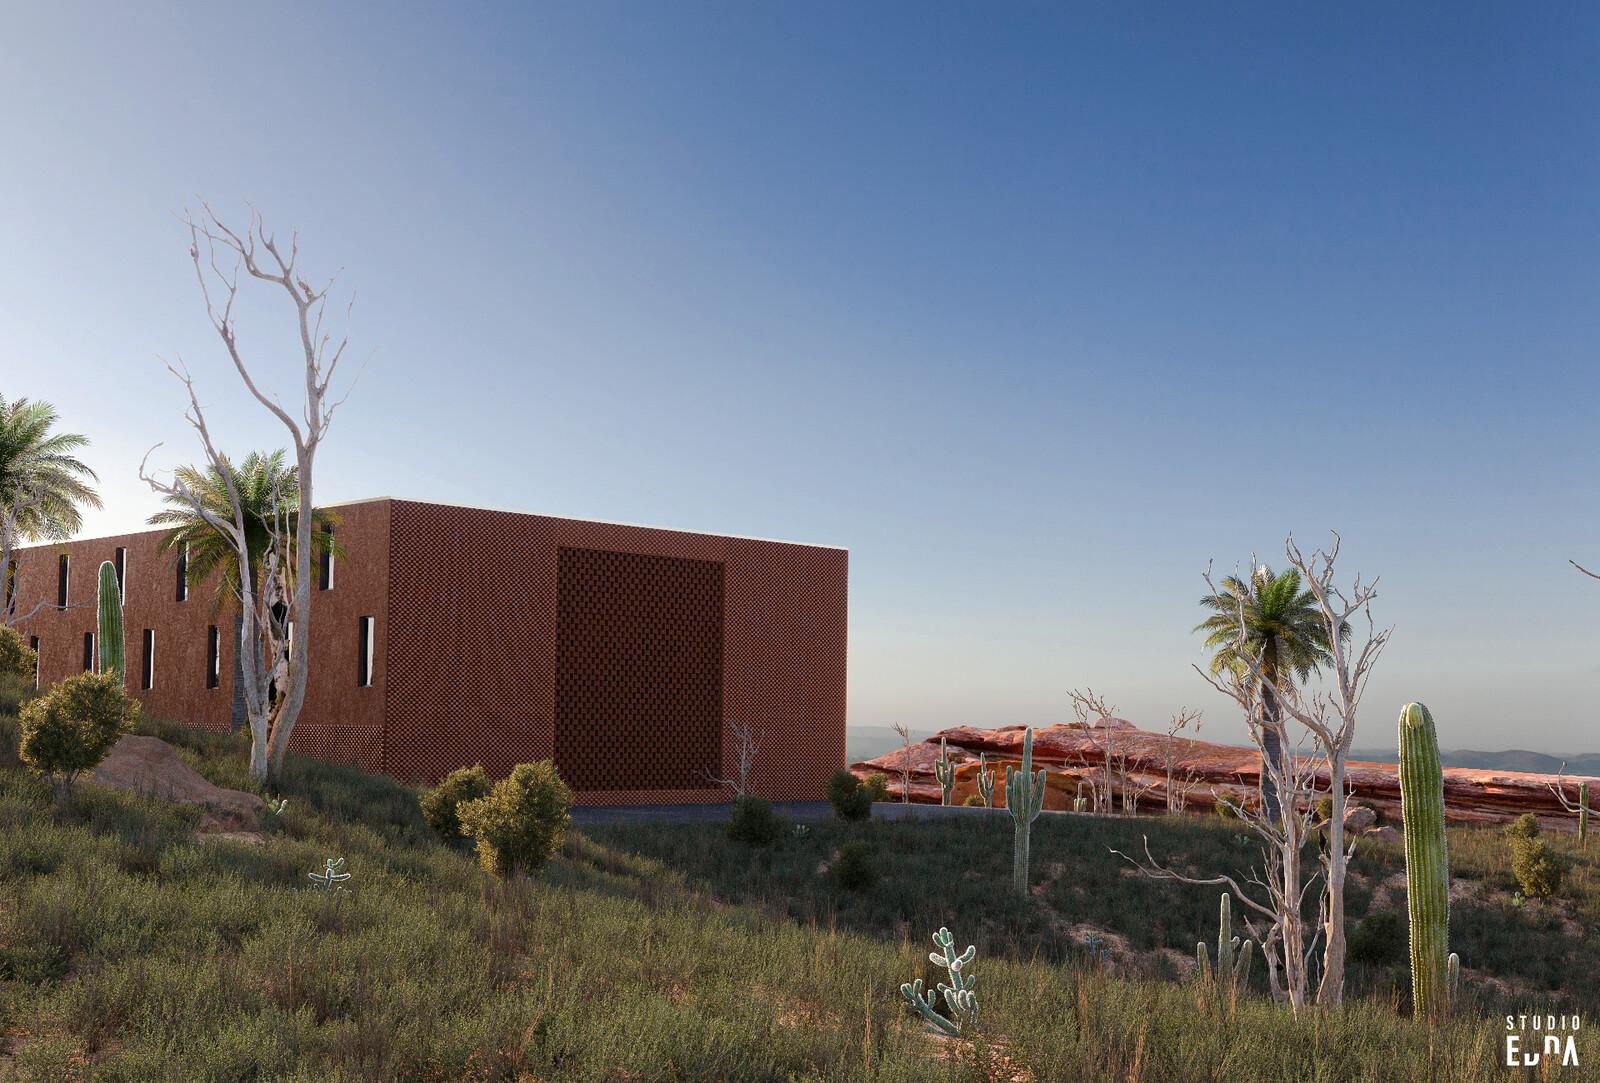 Studio Edna - CG Exterior - Indian Ocean Resort